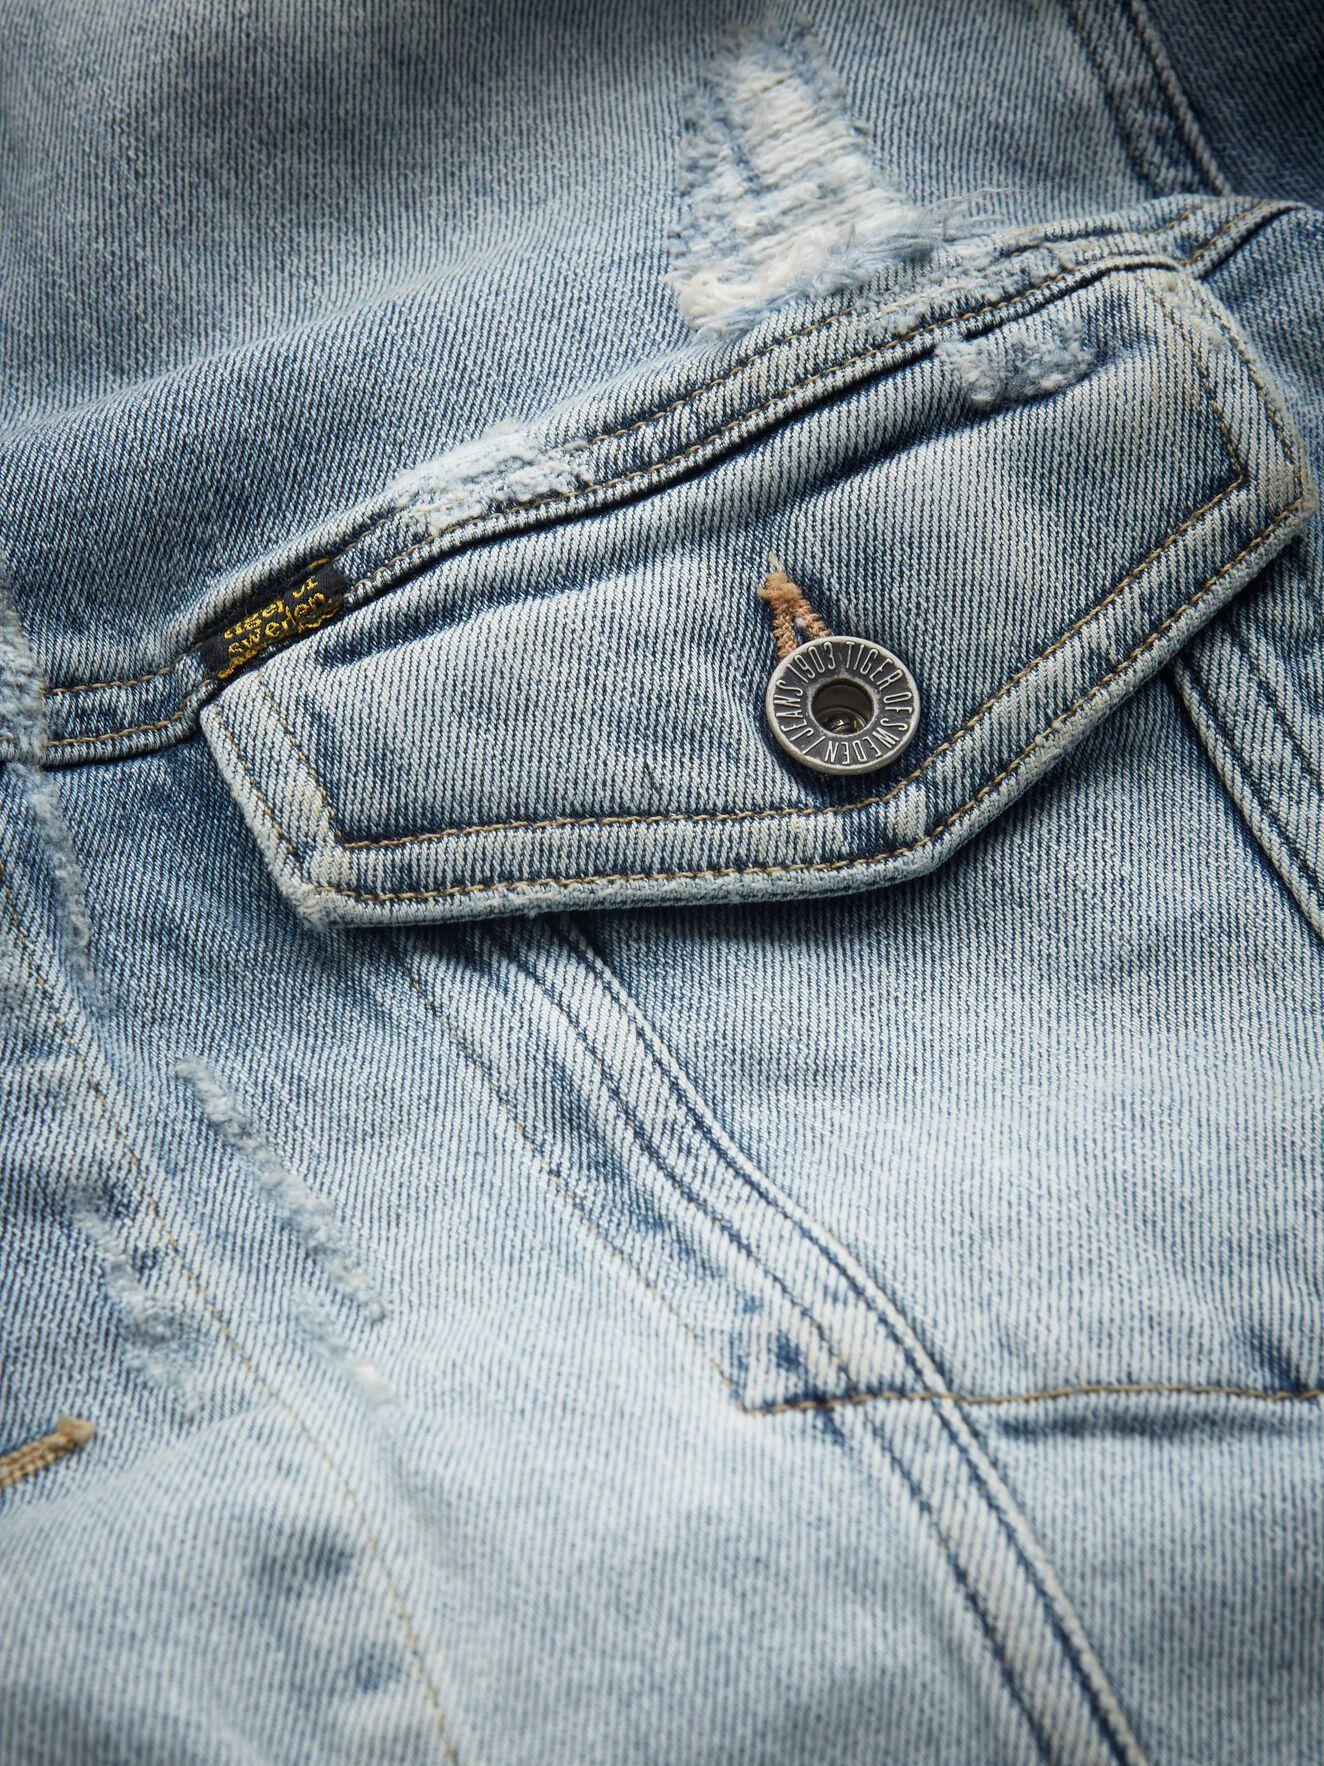 f24ee603 ... Primal denim jacket in Pale Jeans Blue from Tiger of Sweden